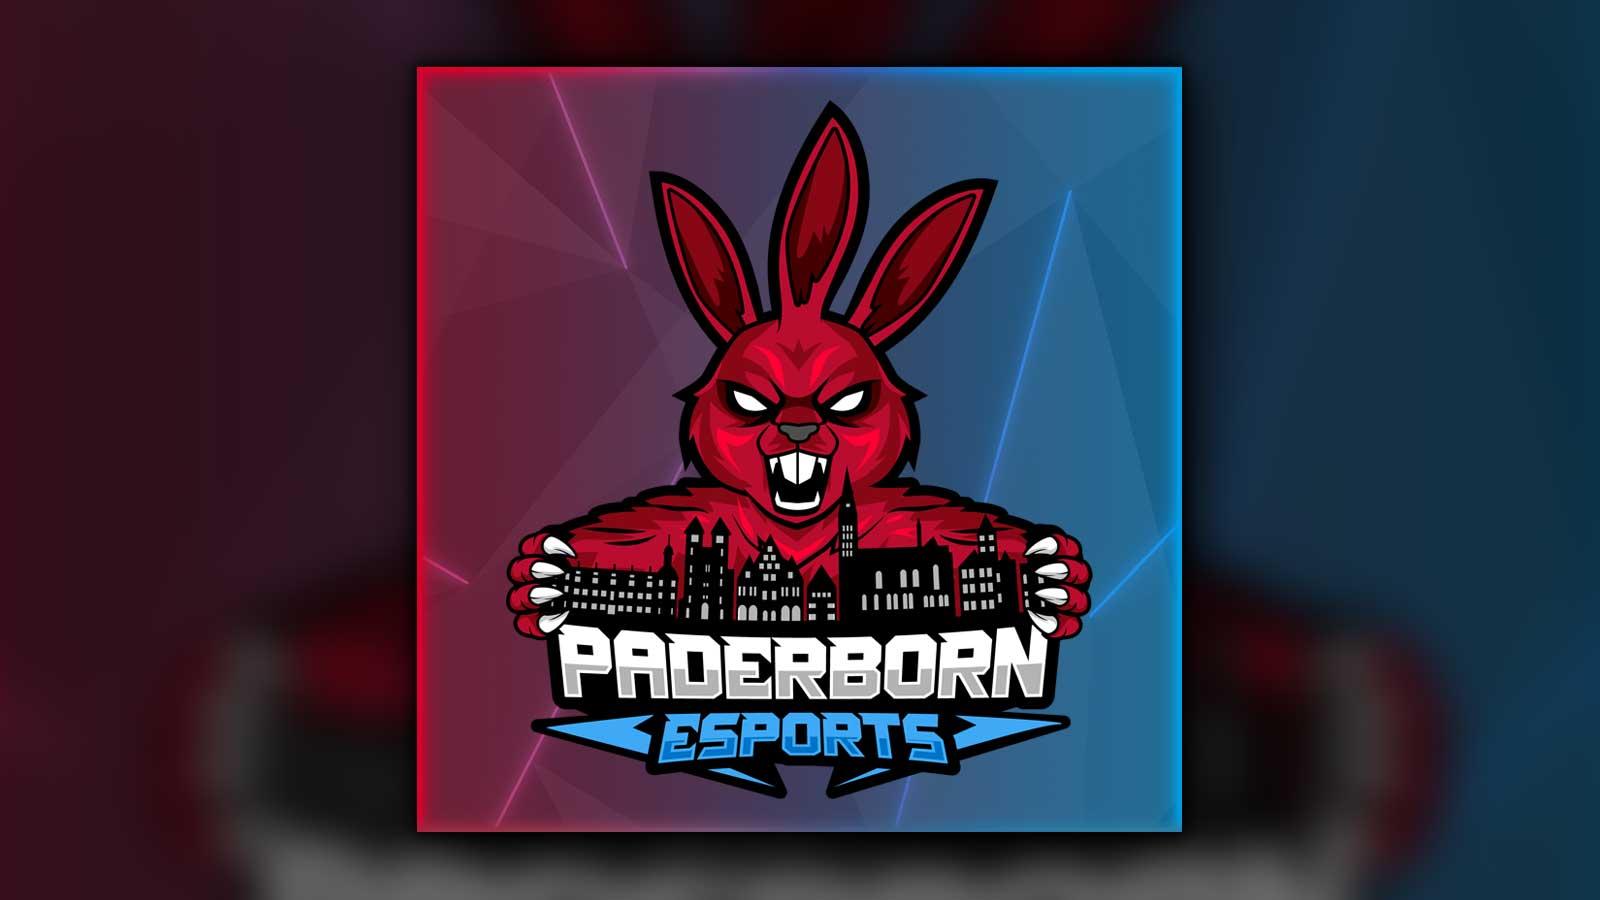 Logo PBE Rahmen13993 babt